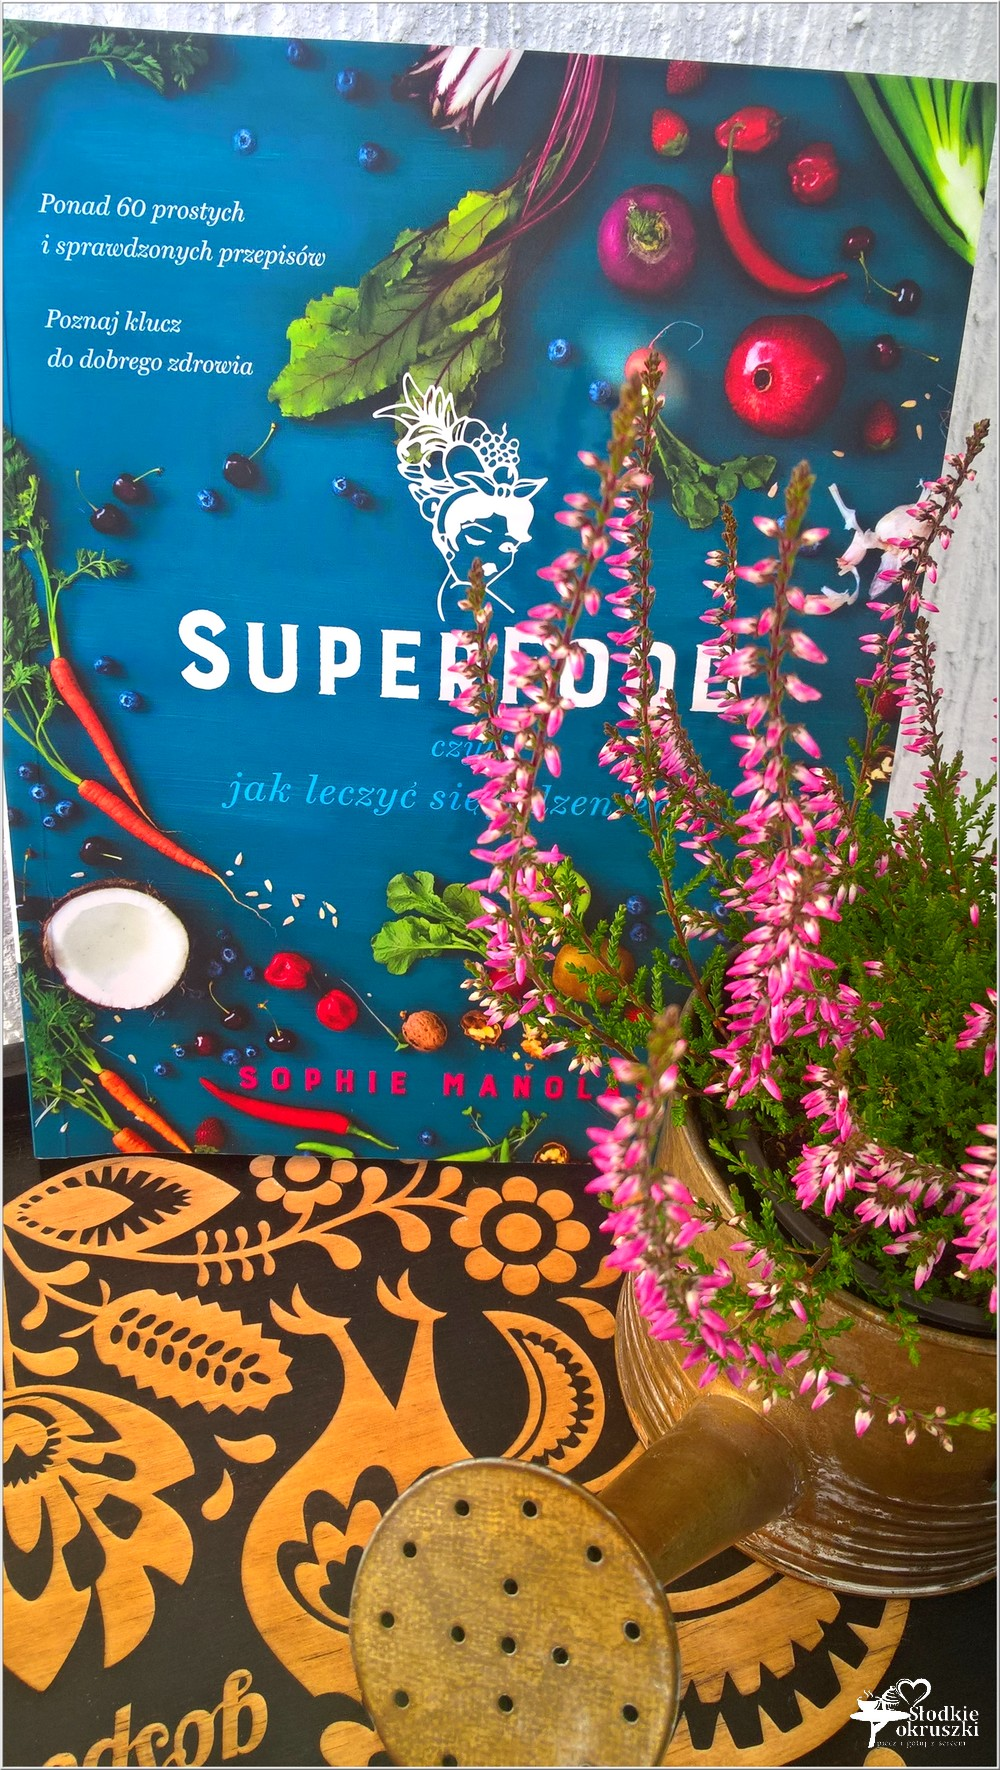 Superfood, czyli jak leczyć się jedzeniem (2)